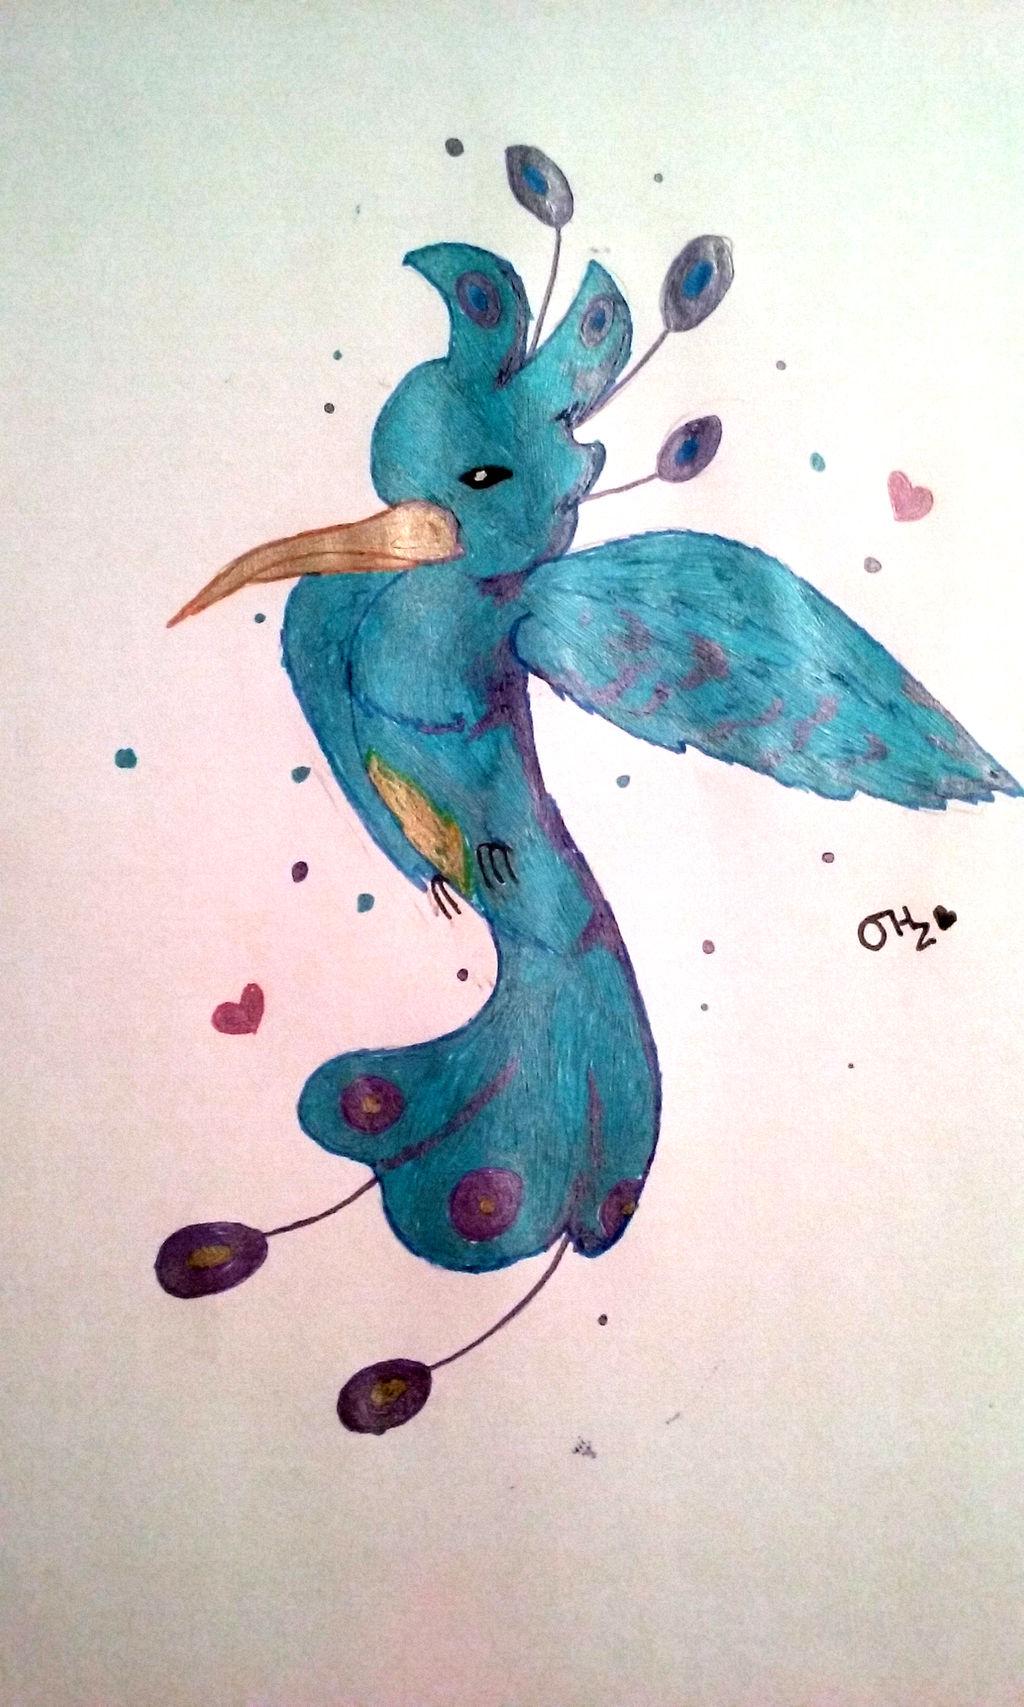 Blue Bird Gel Pen Challenge By Montycotton On Deviantart